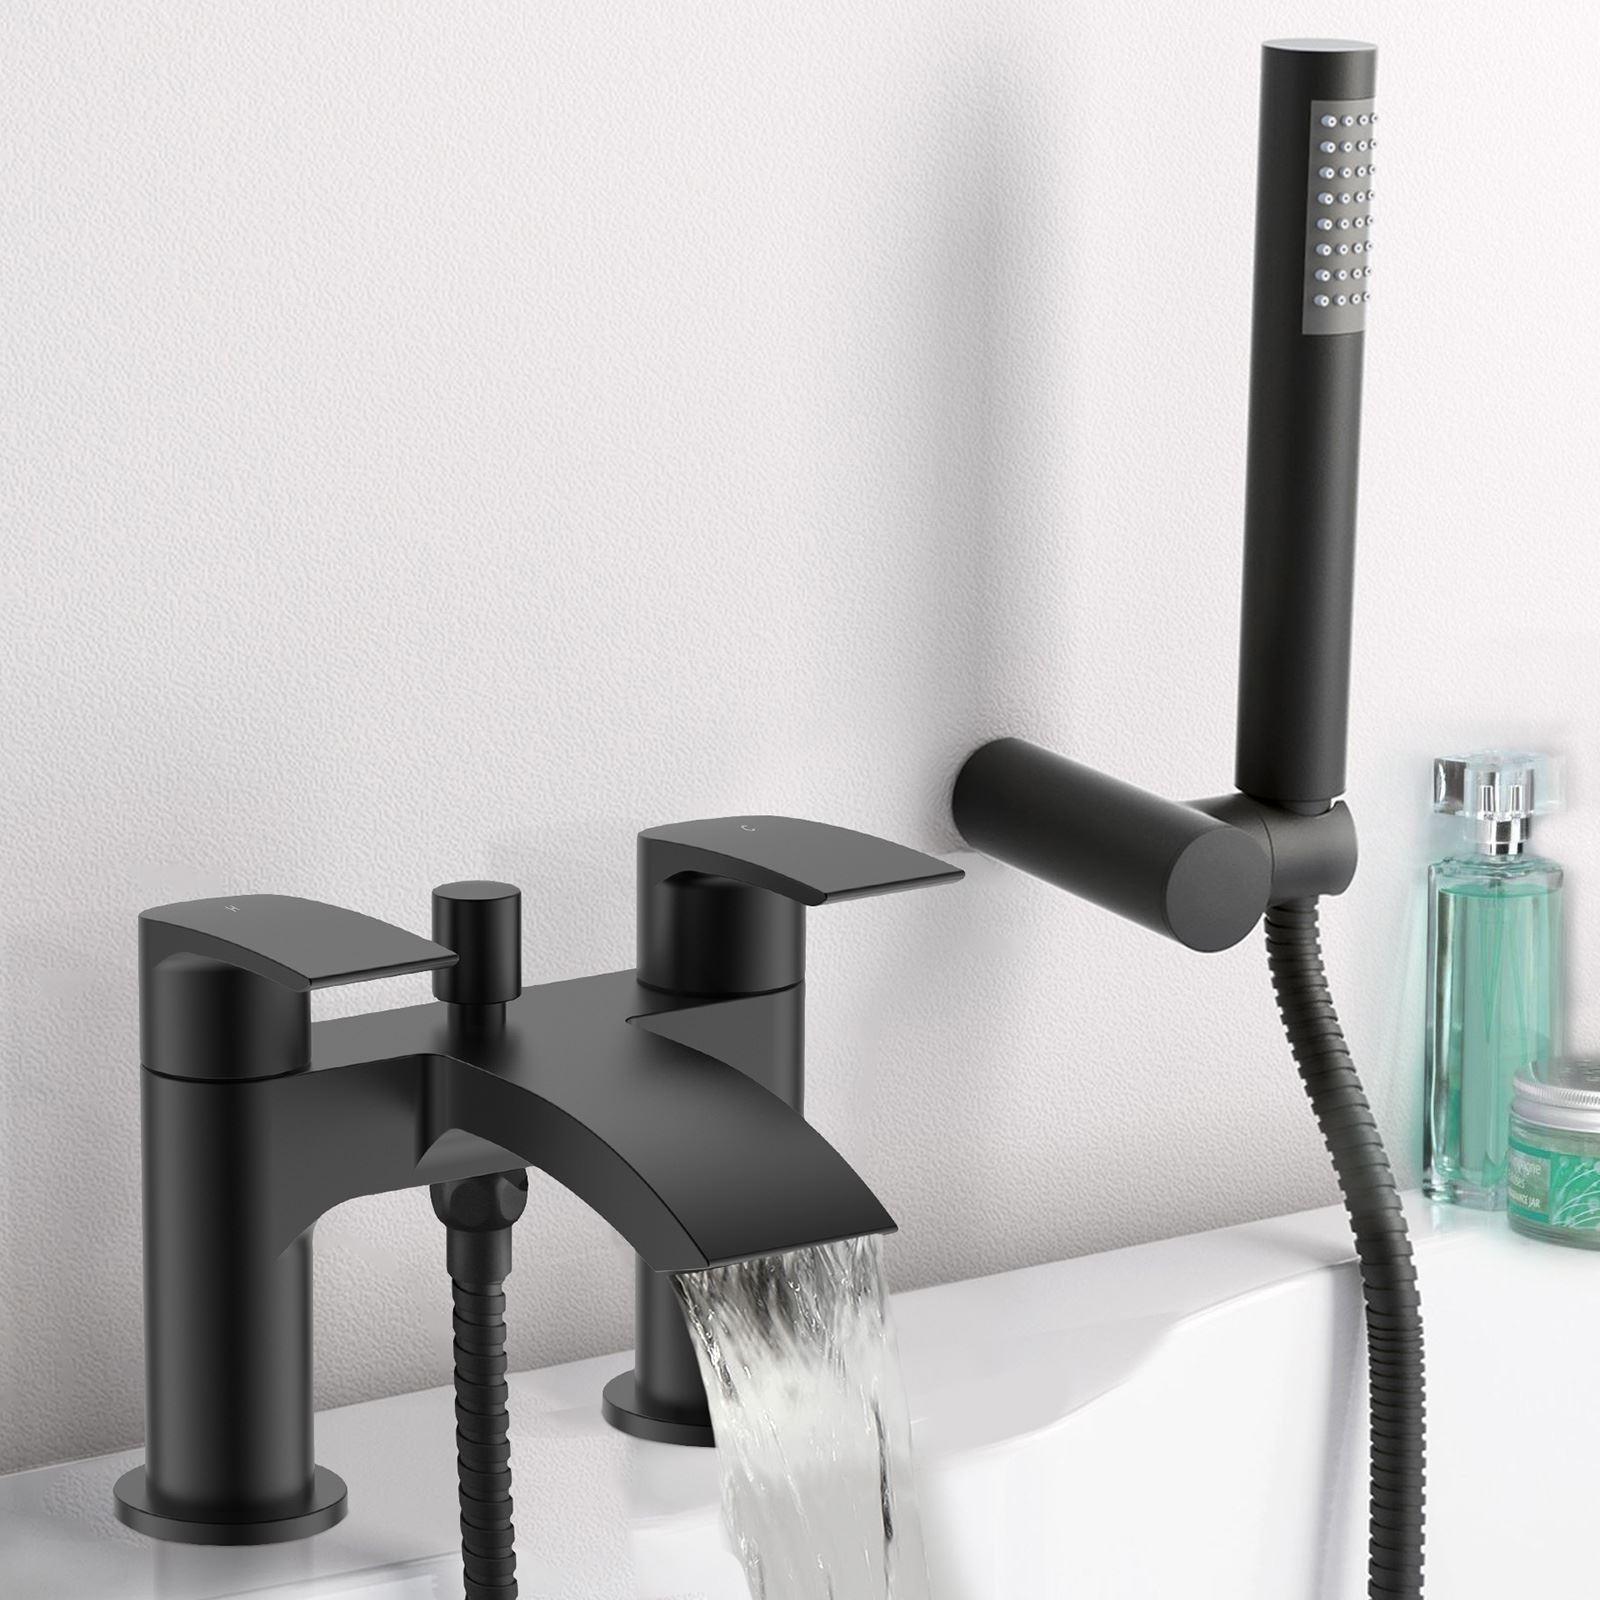 Détails sur Vago salle de bain cascade bain douche mélangeur noir mat  moderne Twin levier robinet- afficher le titre d\'origine